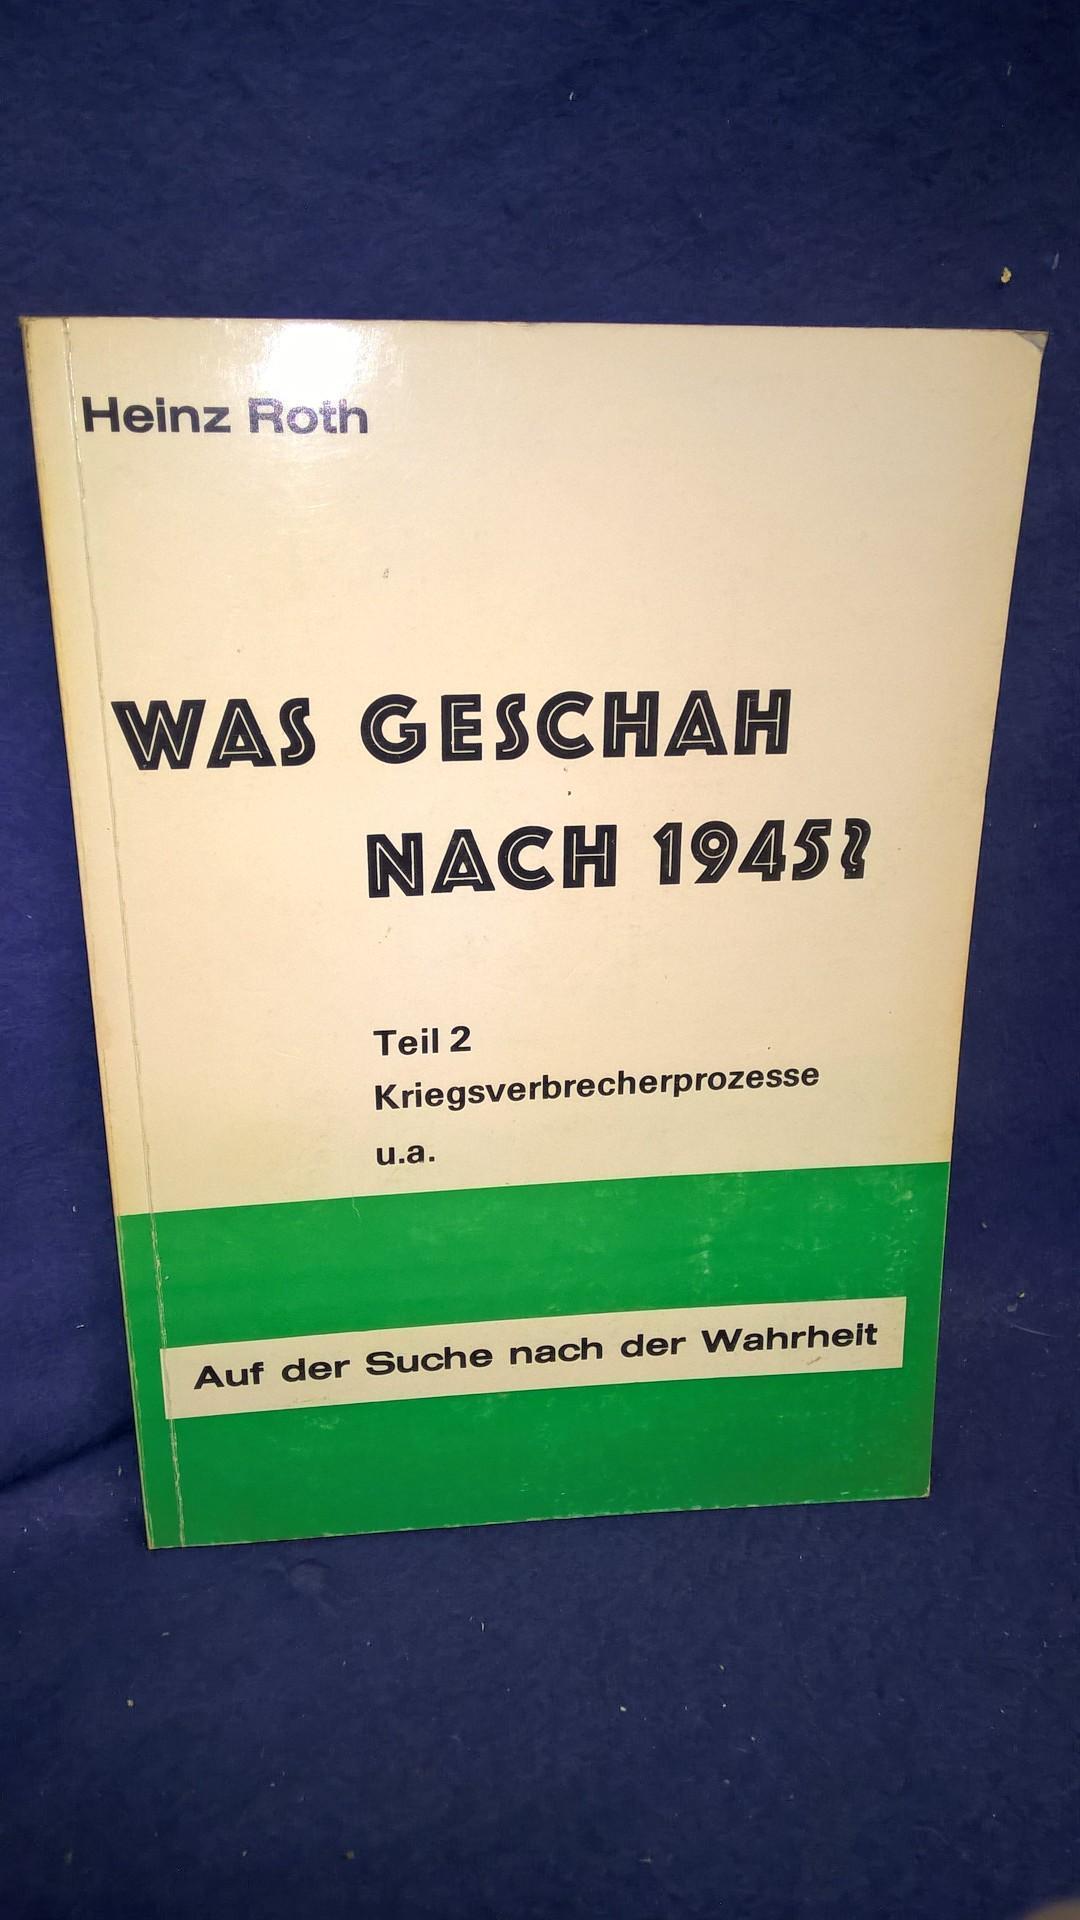 Was geschah nach 1945? Teil 2: Kriegsverbrecherprozesse u.a. Auf der Suche nach der Wahrheit